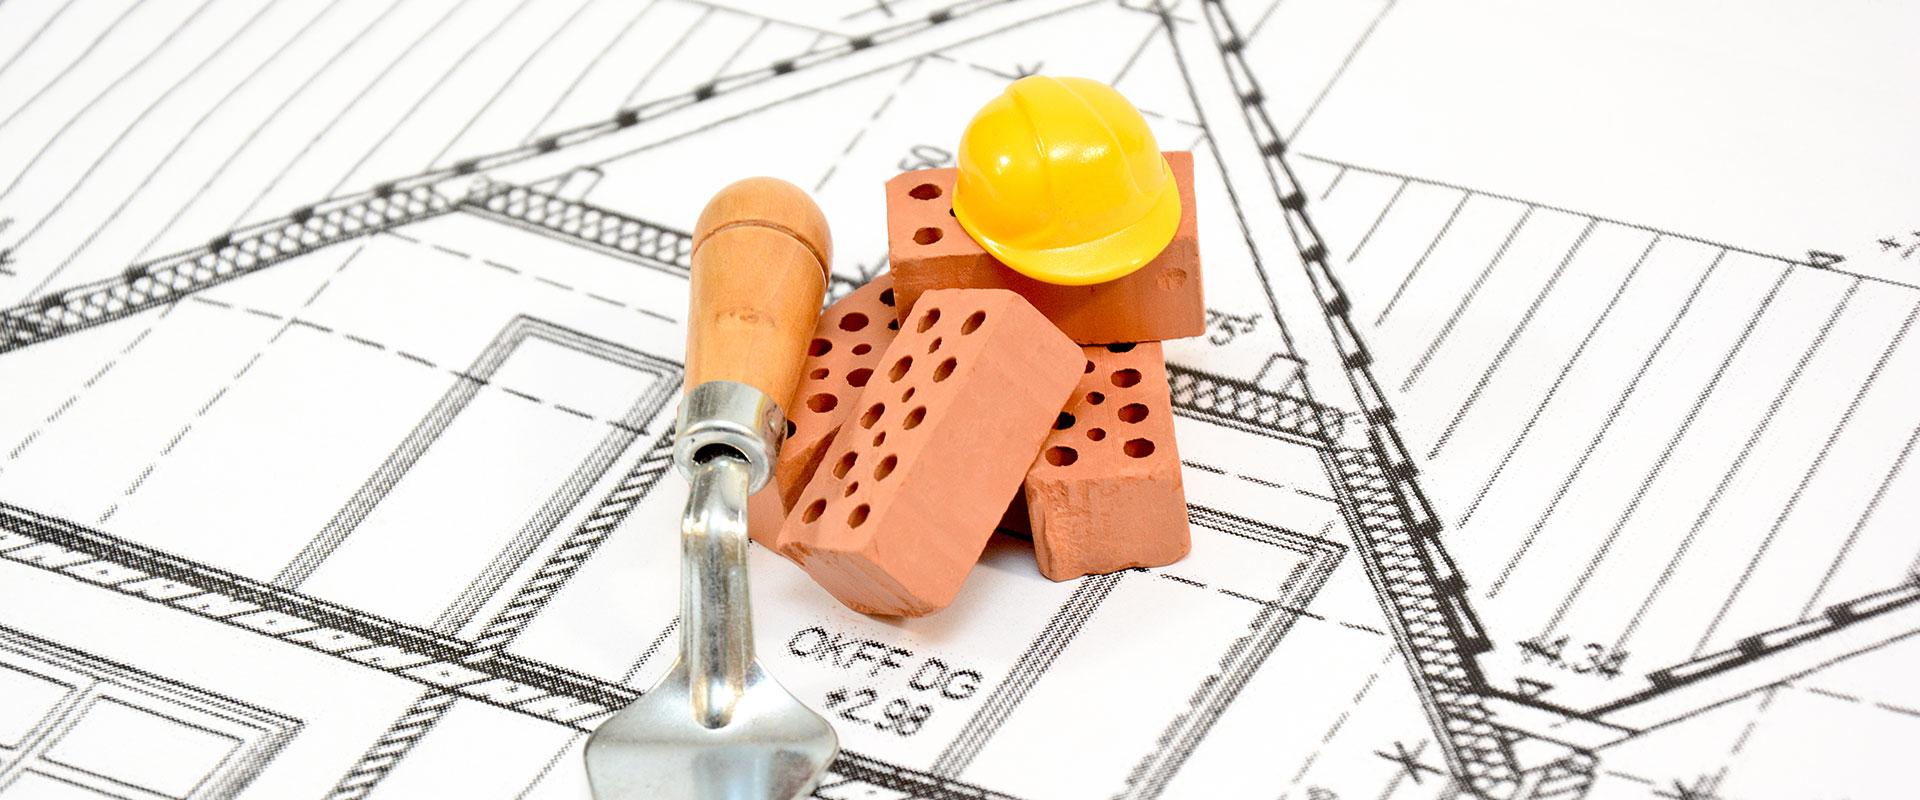 Abbildung Bausteine auf Grundriss